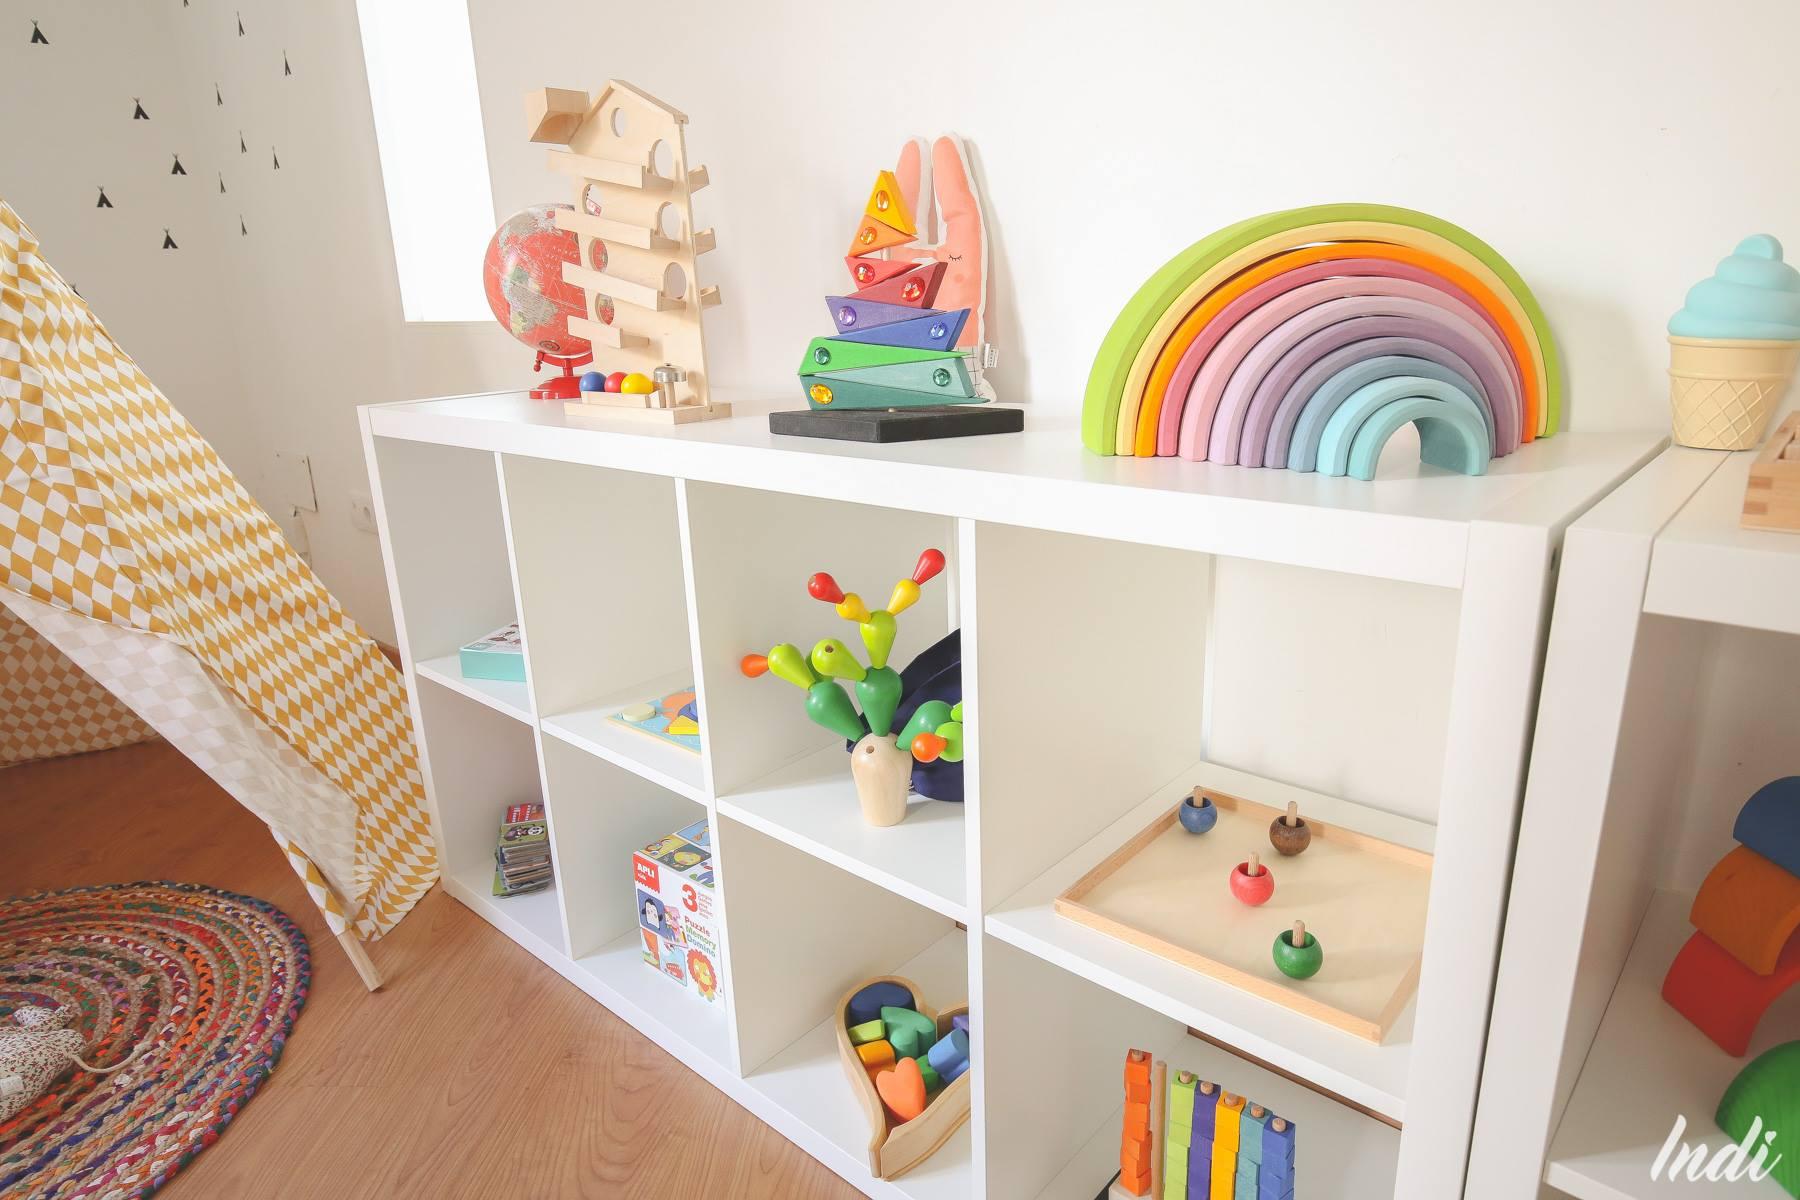 Indi Centro Pedagógico y Actividades Infantiles en Ibiza